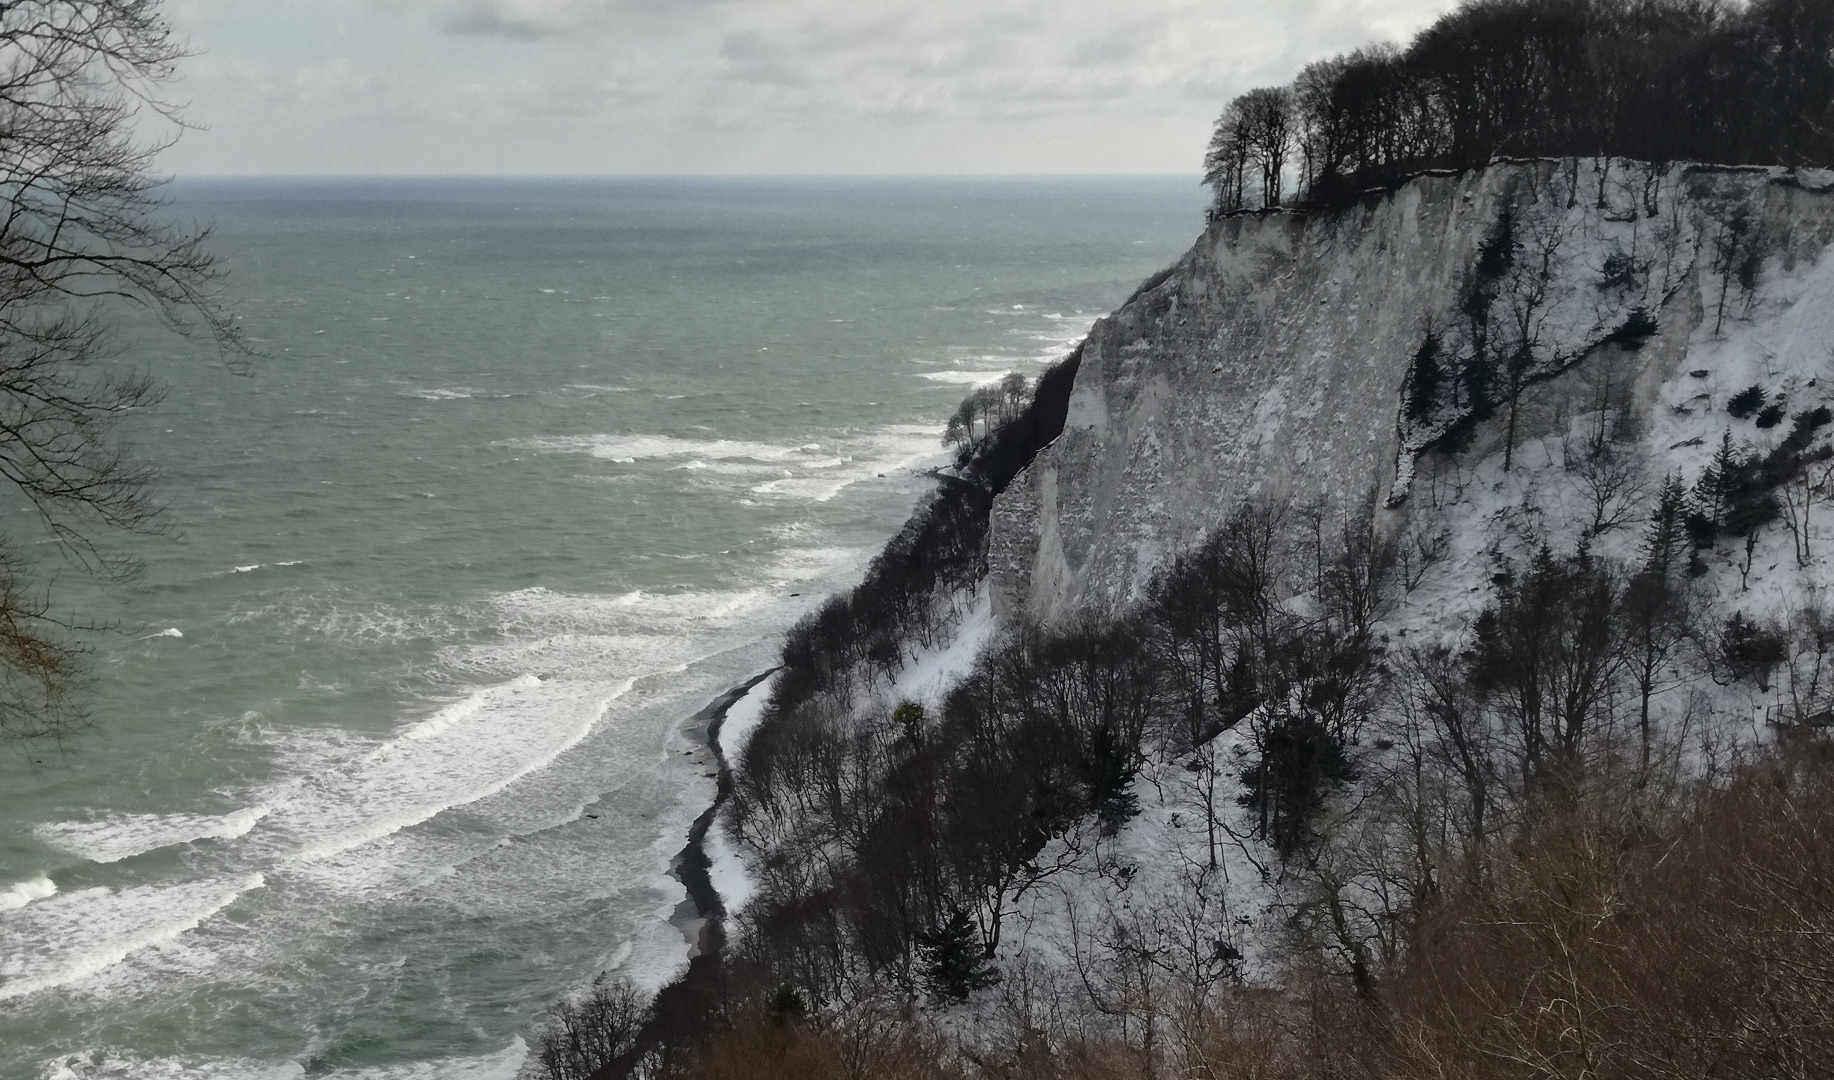 Einsatzort für Naturschutz-Trainee: Verschneite Steilküste auf Rügen